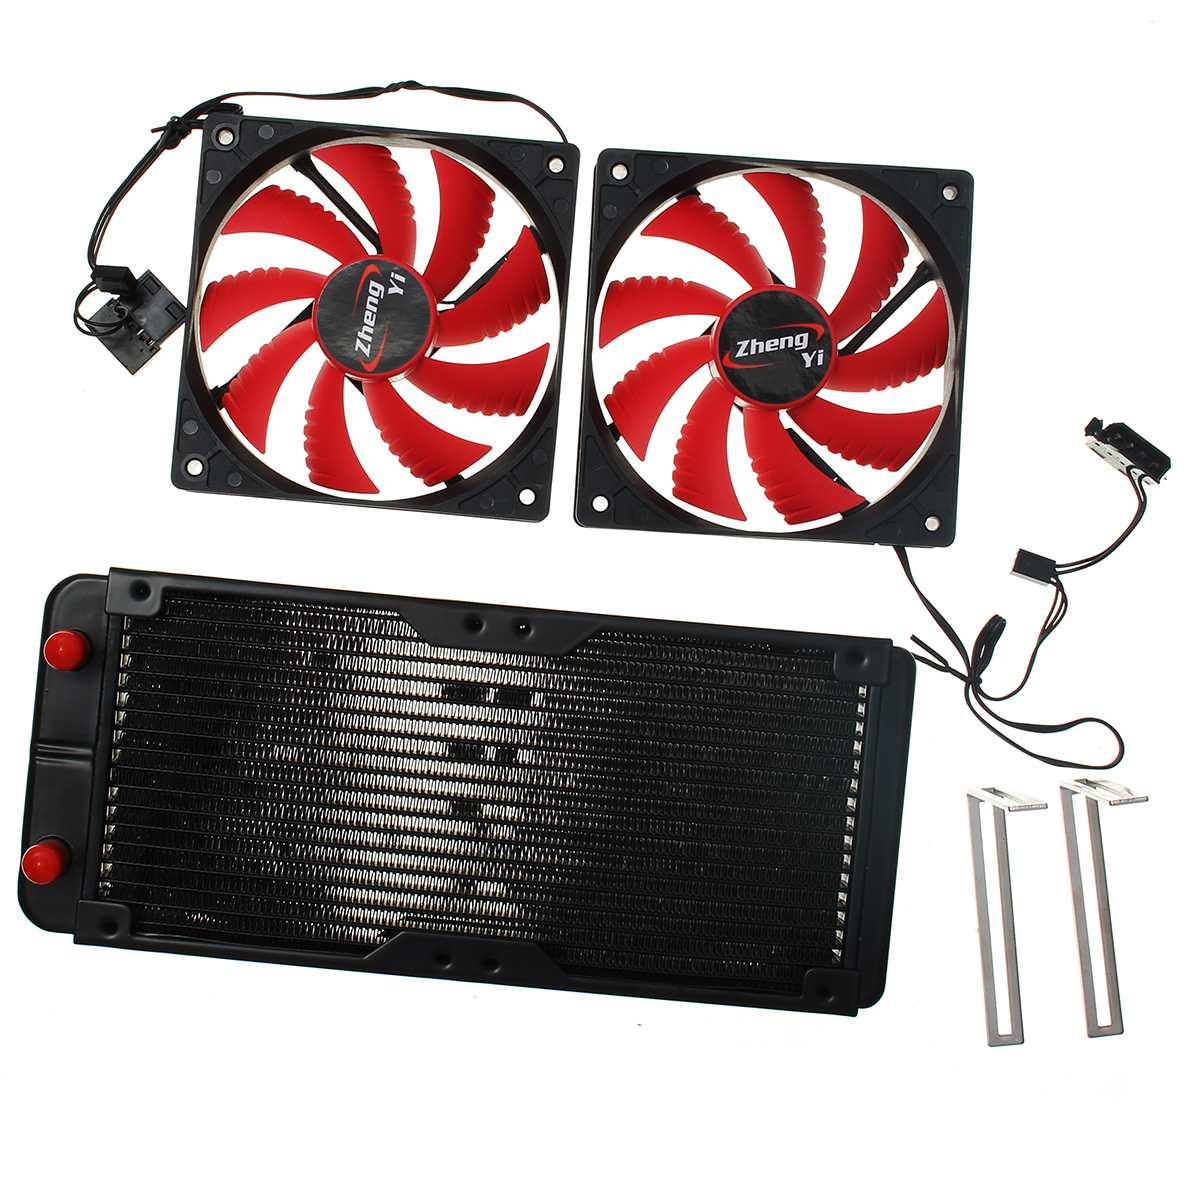 Kit de refroidissement à eau 240 radiateur CPU GPU bloc pompe réservoir tube Barb 3/8 ID pour Intel LGA 1150 1155 1151 ordinateur CPU